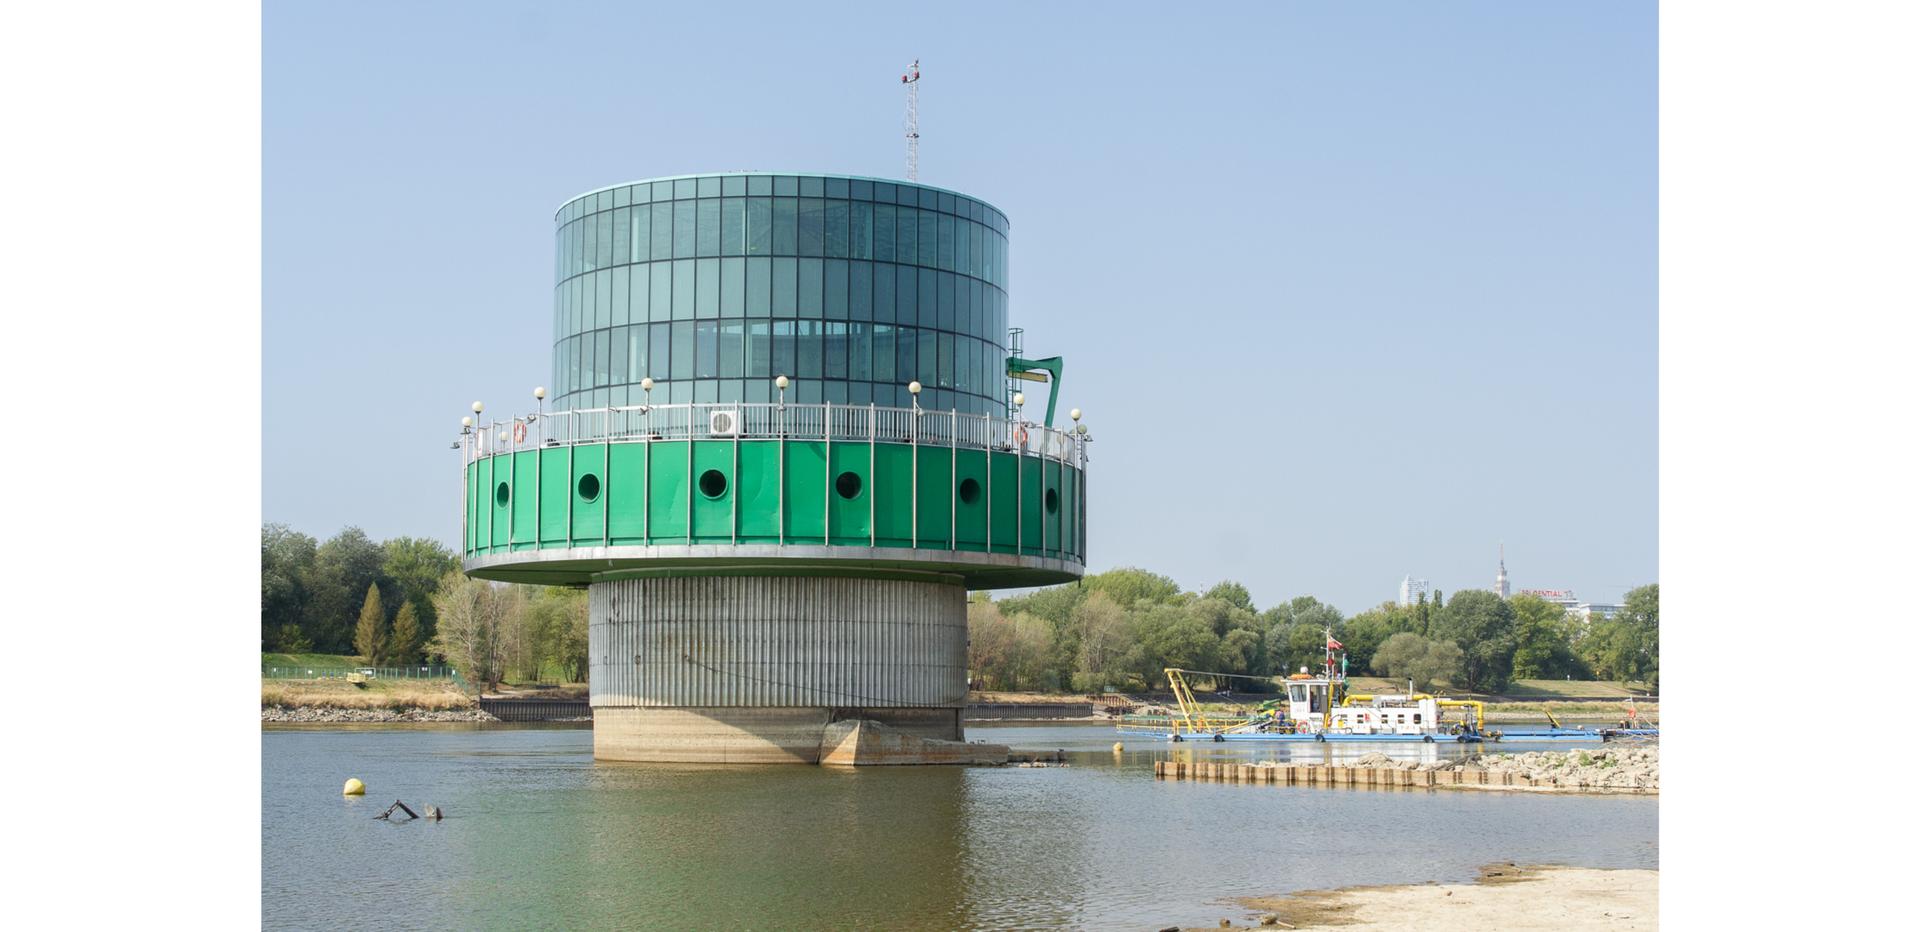 Ilustracja przedstawia ujęcie wWarszawie - Gruba Kaśka - największa studnia infiltracyjna na świecie.